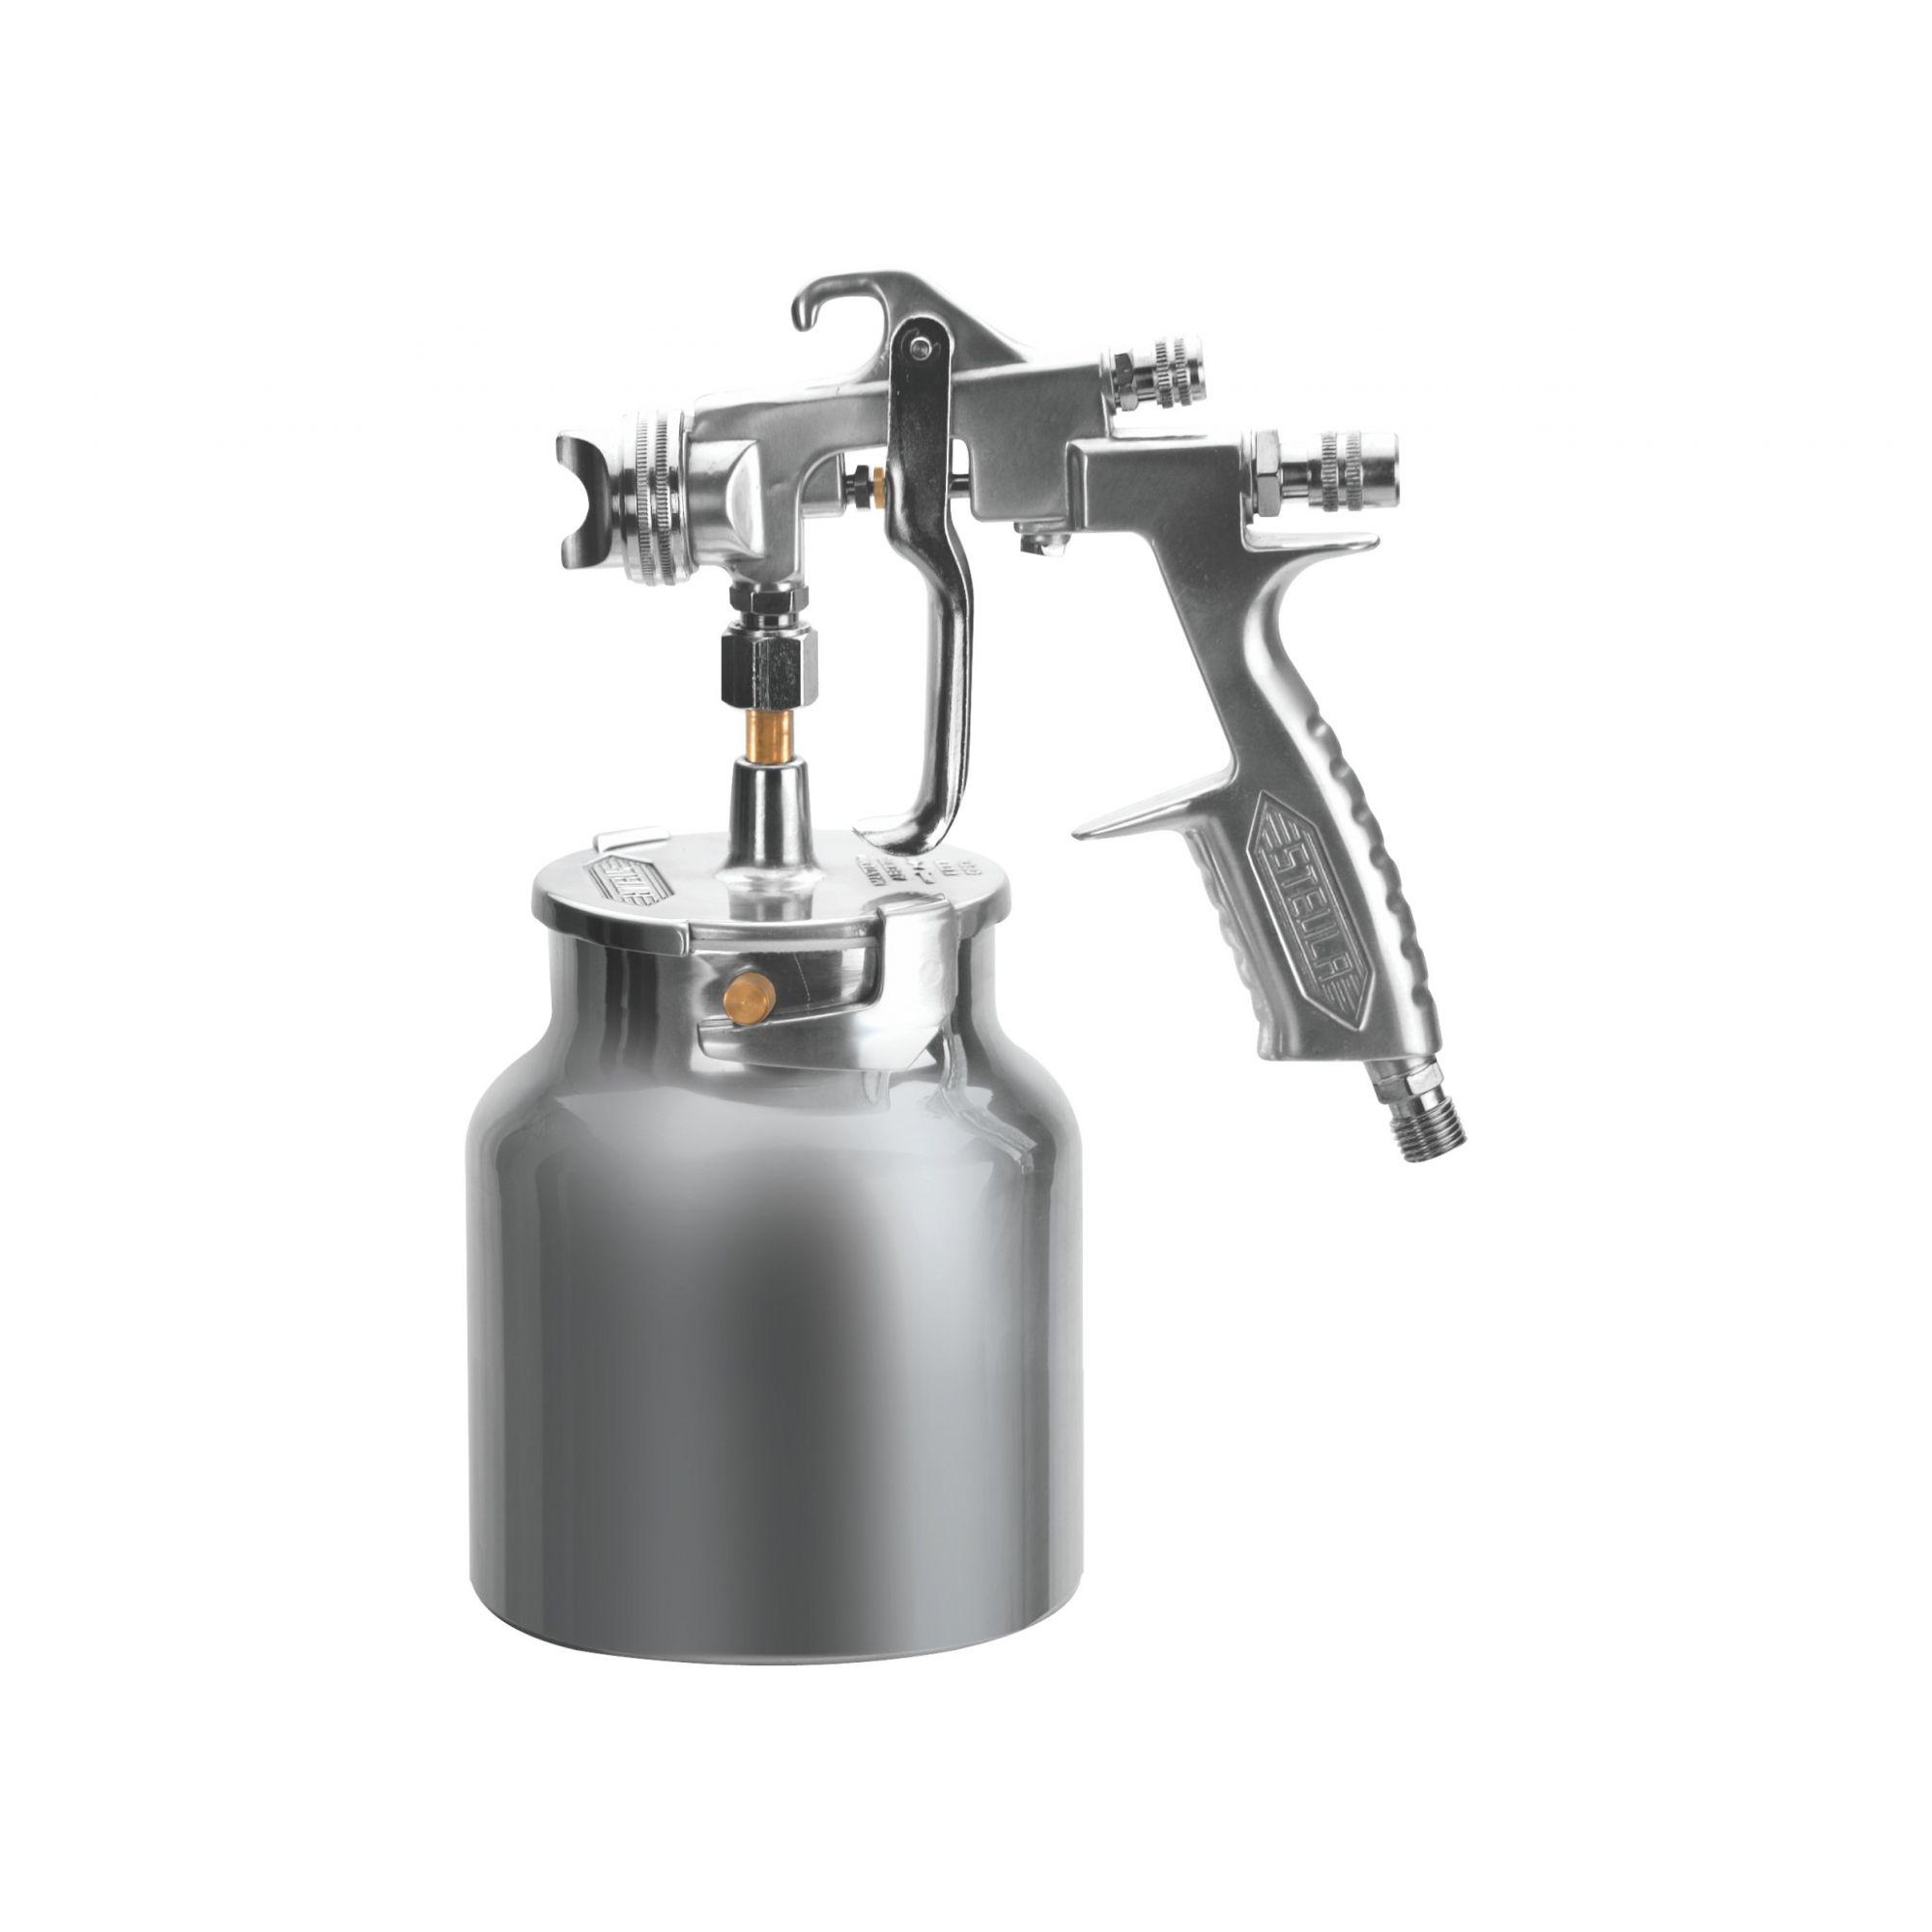 Pistola de pintura MS 25 - Baixa Pressão